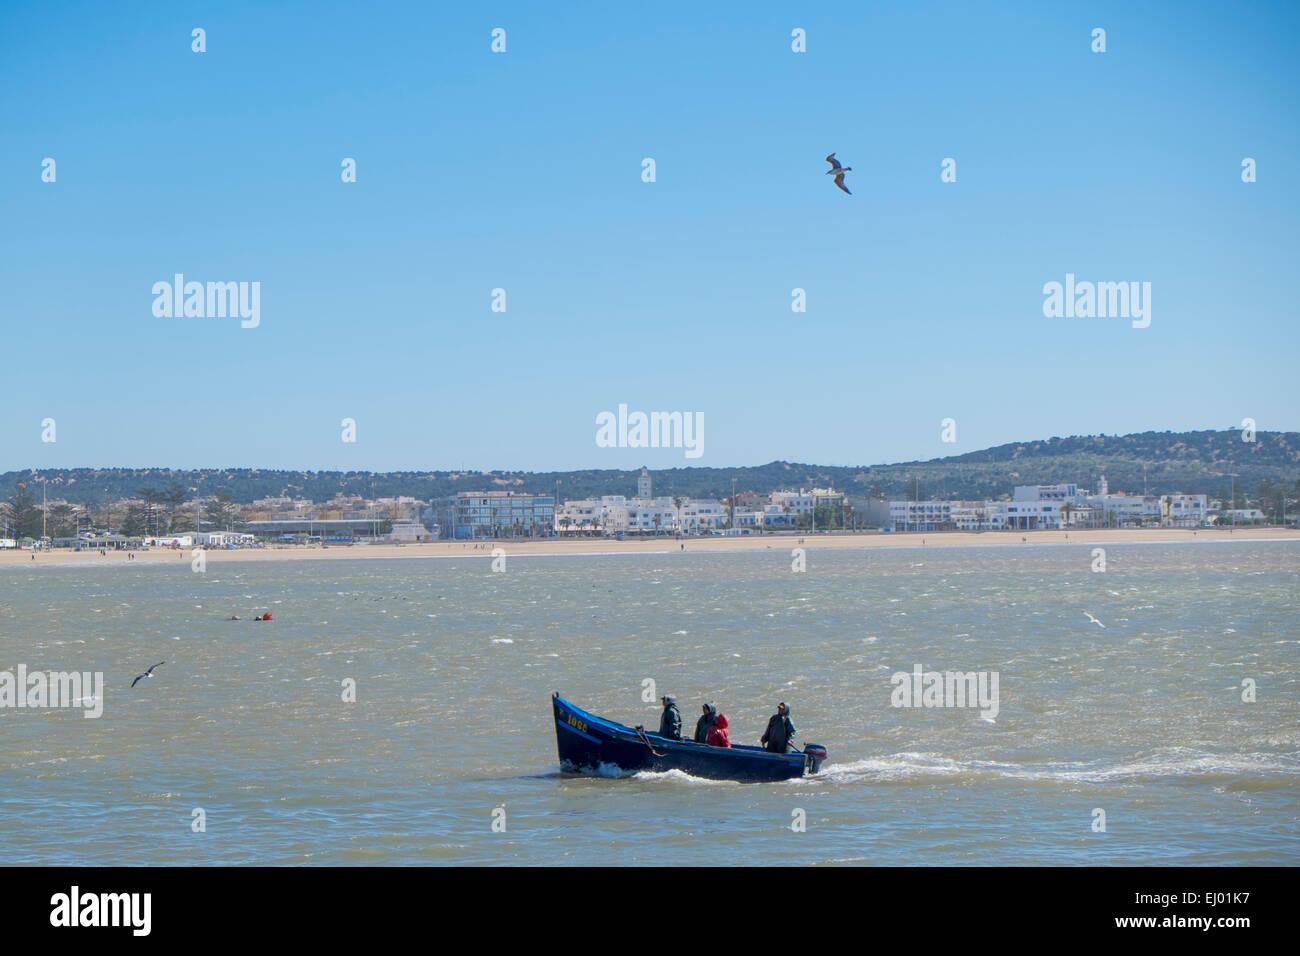 L'approche du bateau de pêche au port d'Essaouira, Maroc, Afrique du Nord Photo Stock